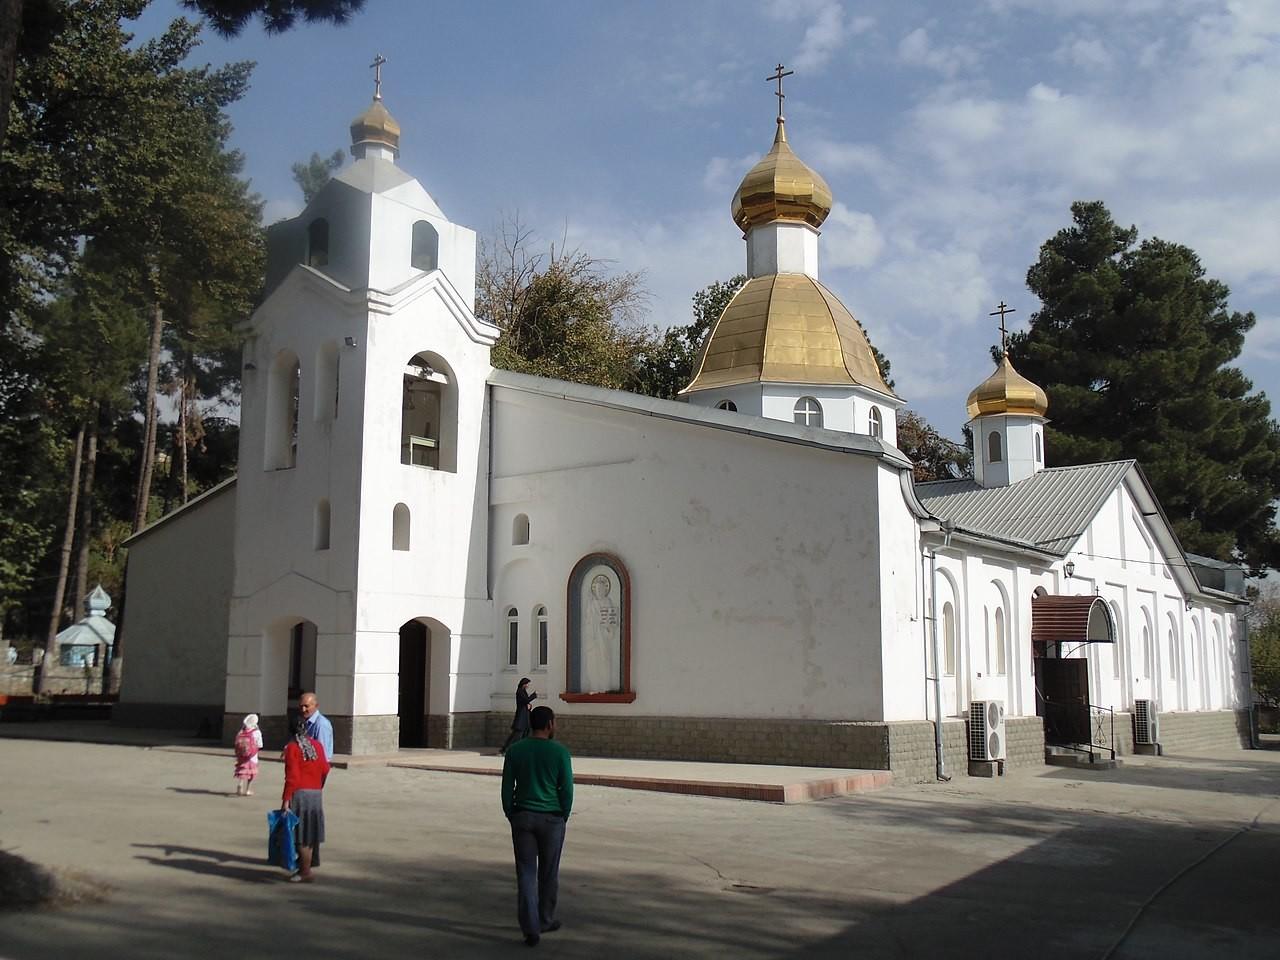 Никольский собор в Душанбе, ныне Таджикистан, 1943 г. постройки